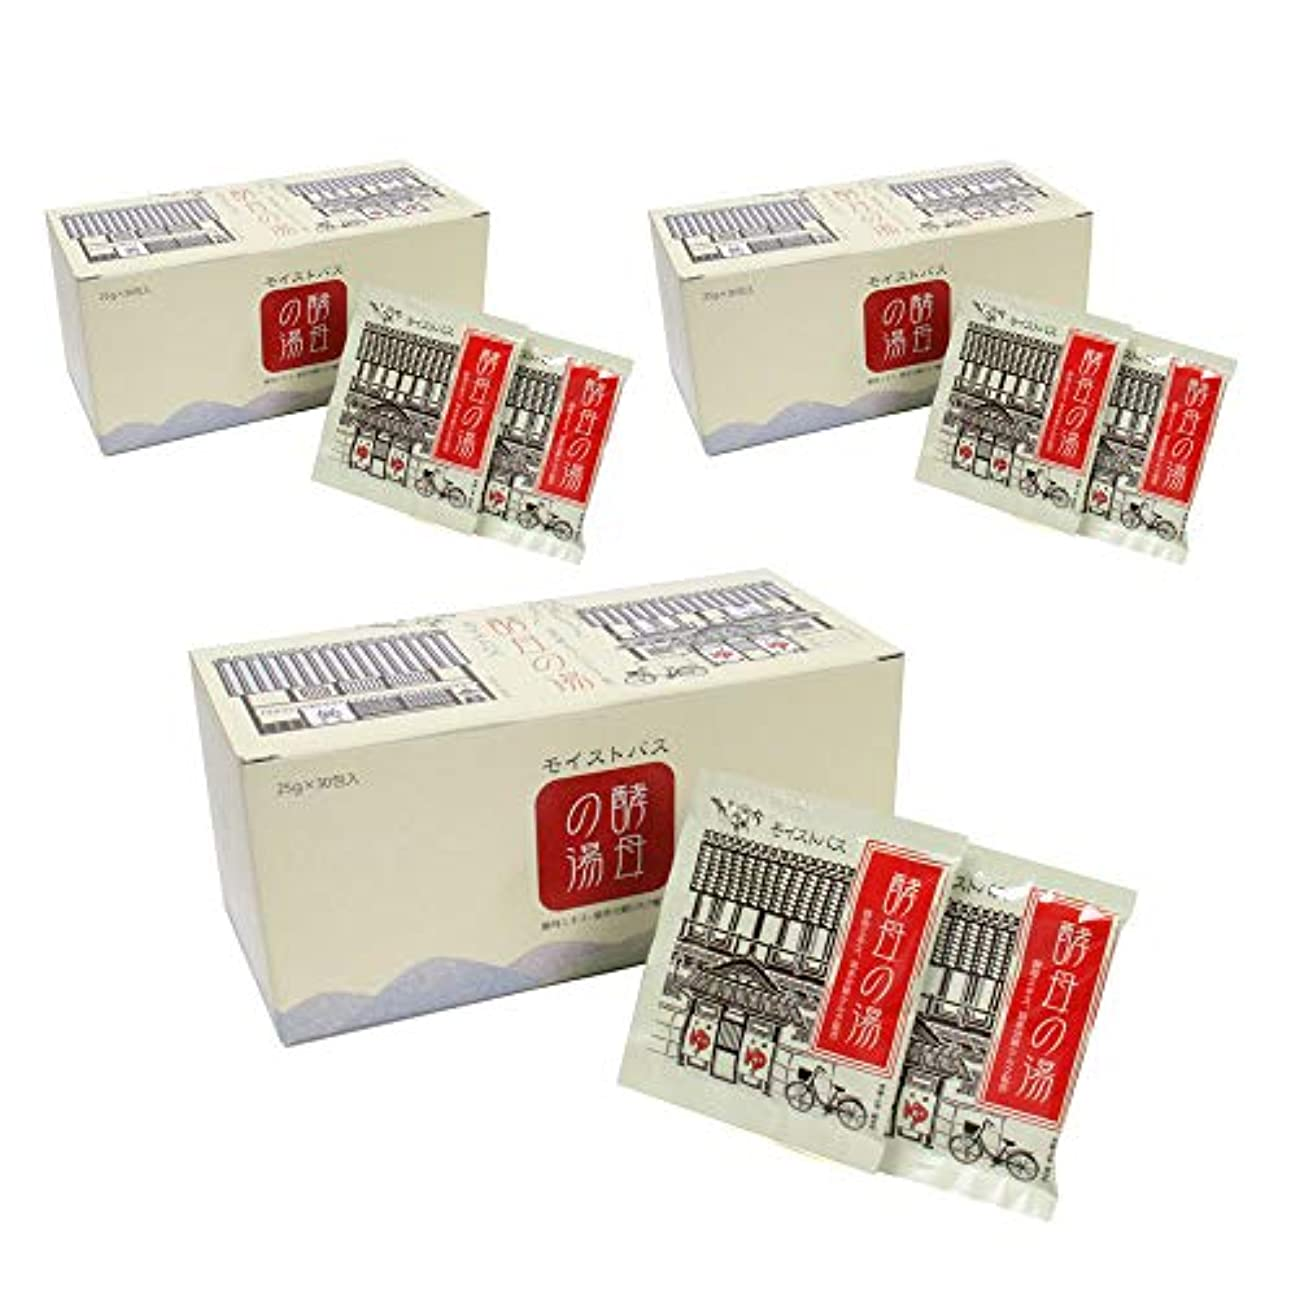 あいまいあいまいフェードアミノン モイストバス 酵母の湯 25g×30包 (3箱セット)